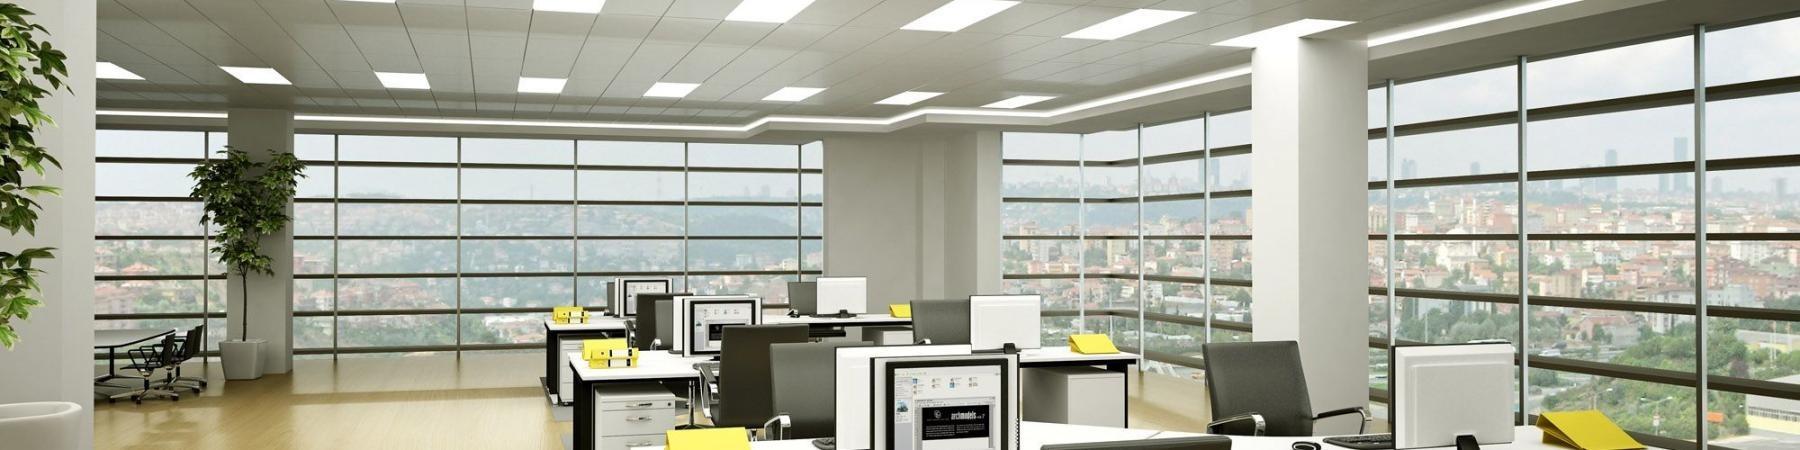 Nội thát văn phòng làm việc, nội thất phòng.Bàn ghế nhân viên làm việc